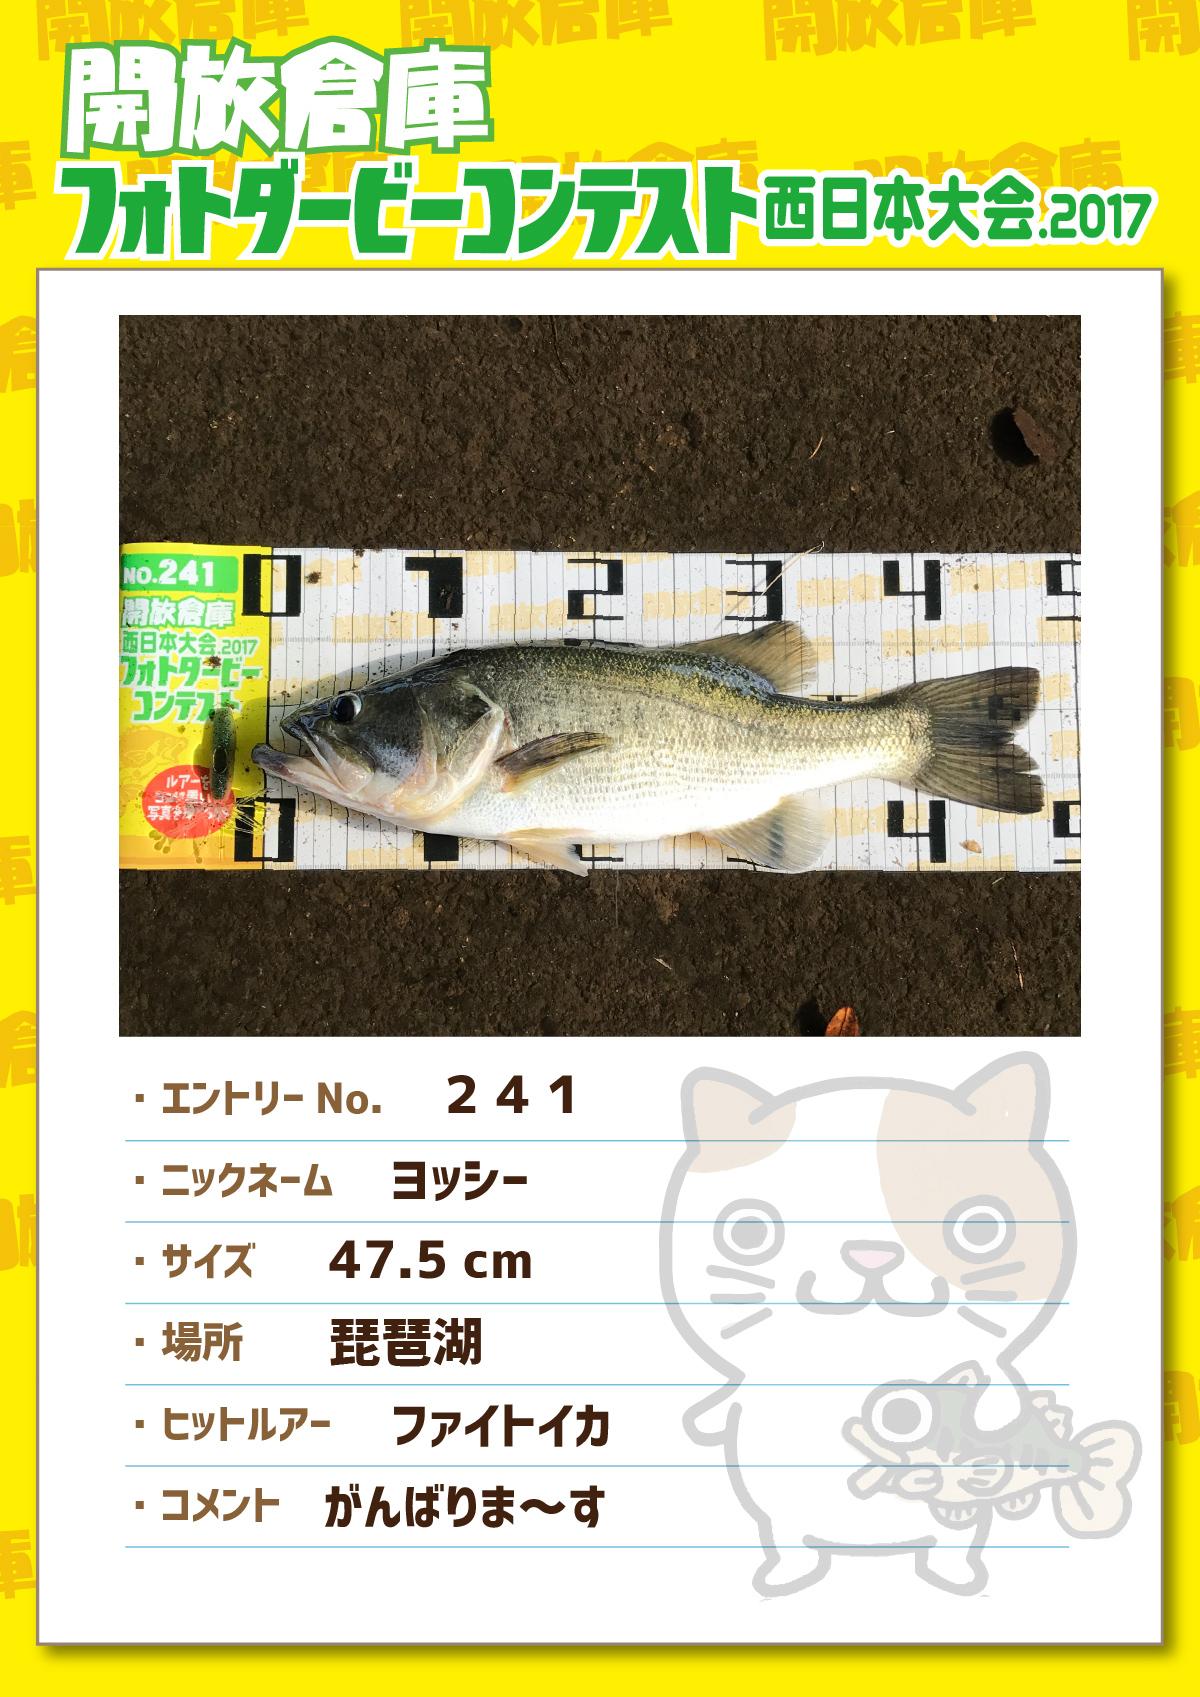 No.241 ヨッシー 47.5cm 琵琶湖 ファイトイカ がんばりま~す